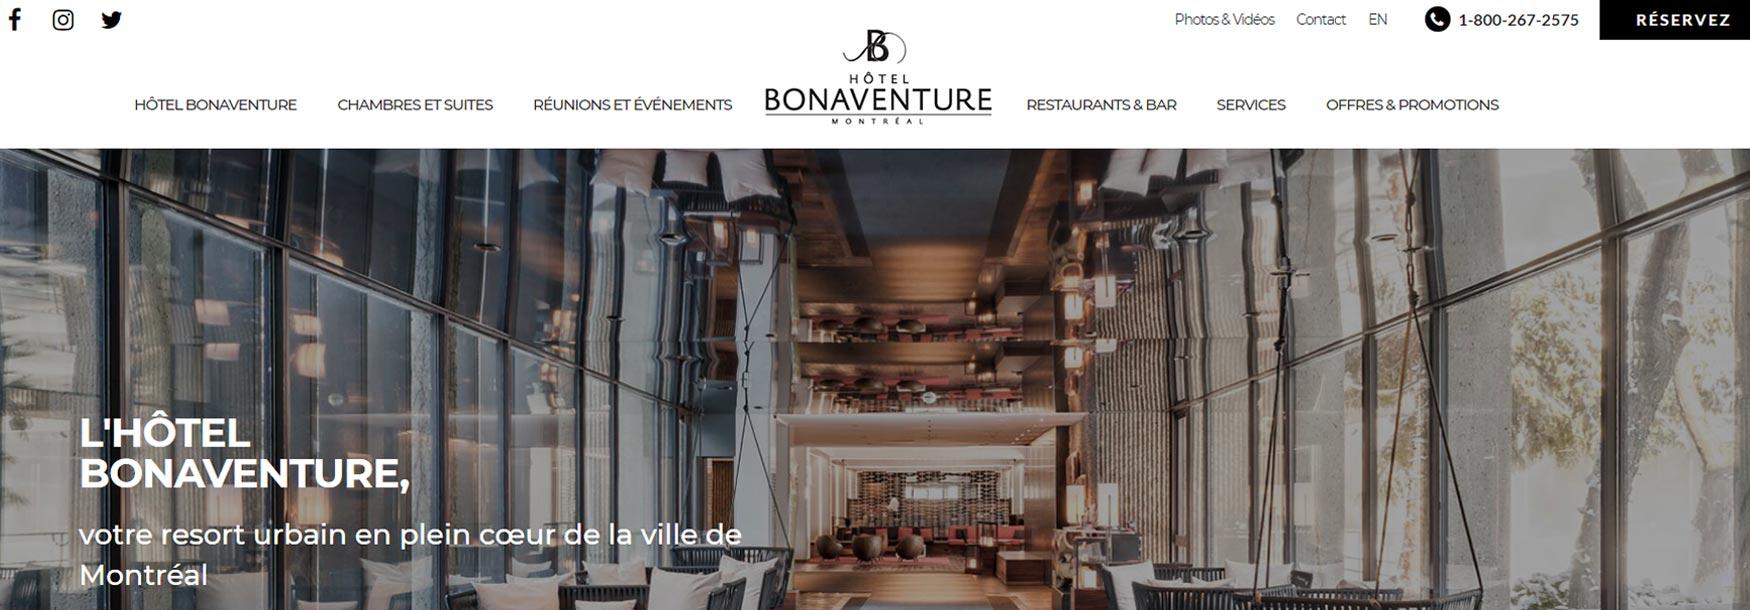 hotel-bonaventure-1